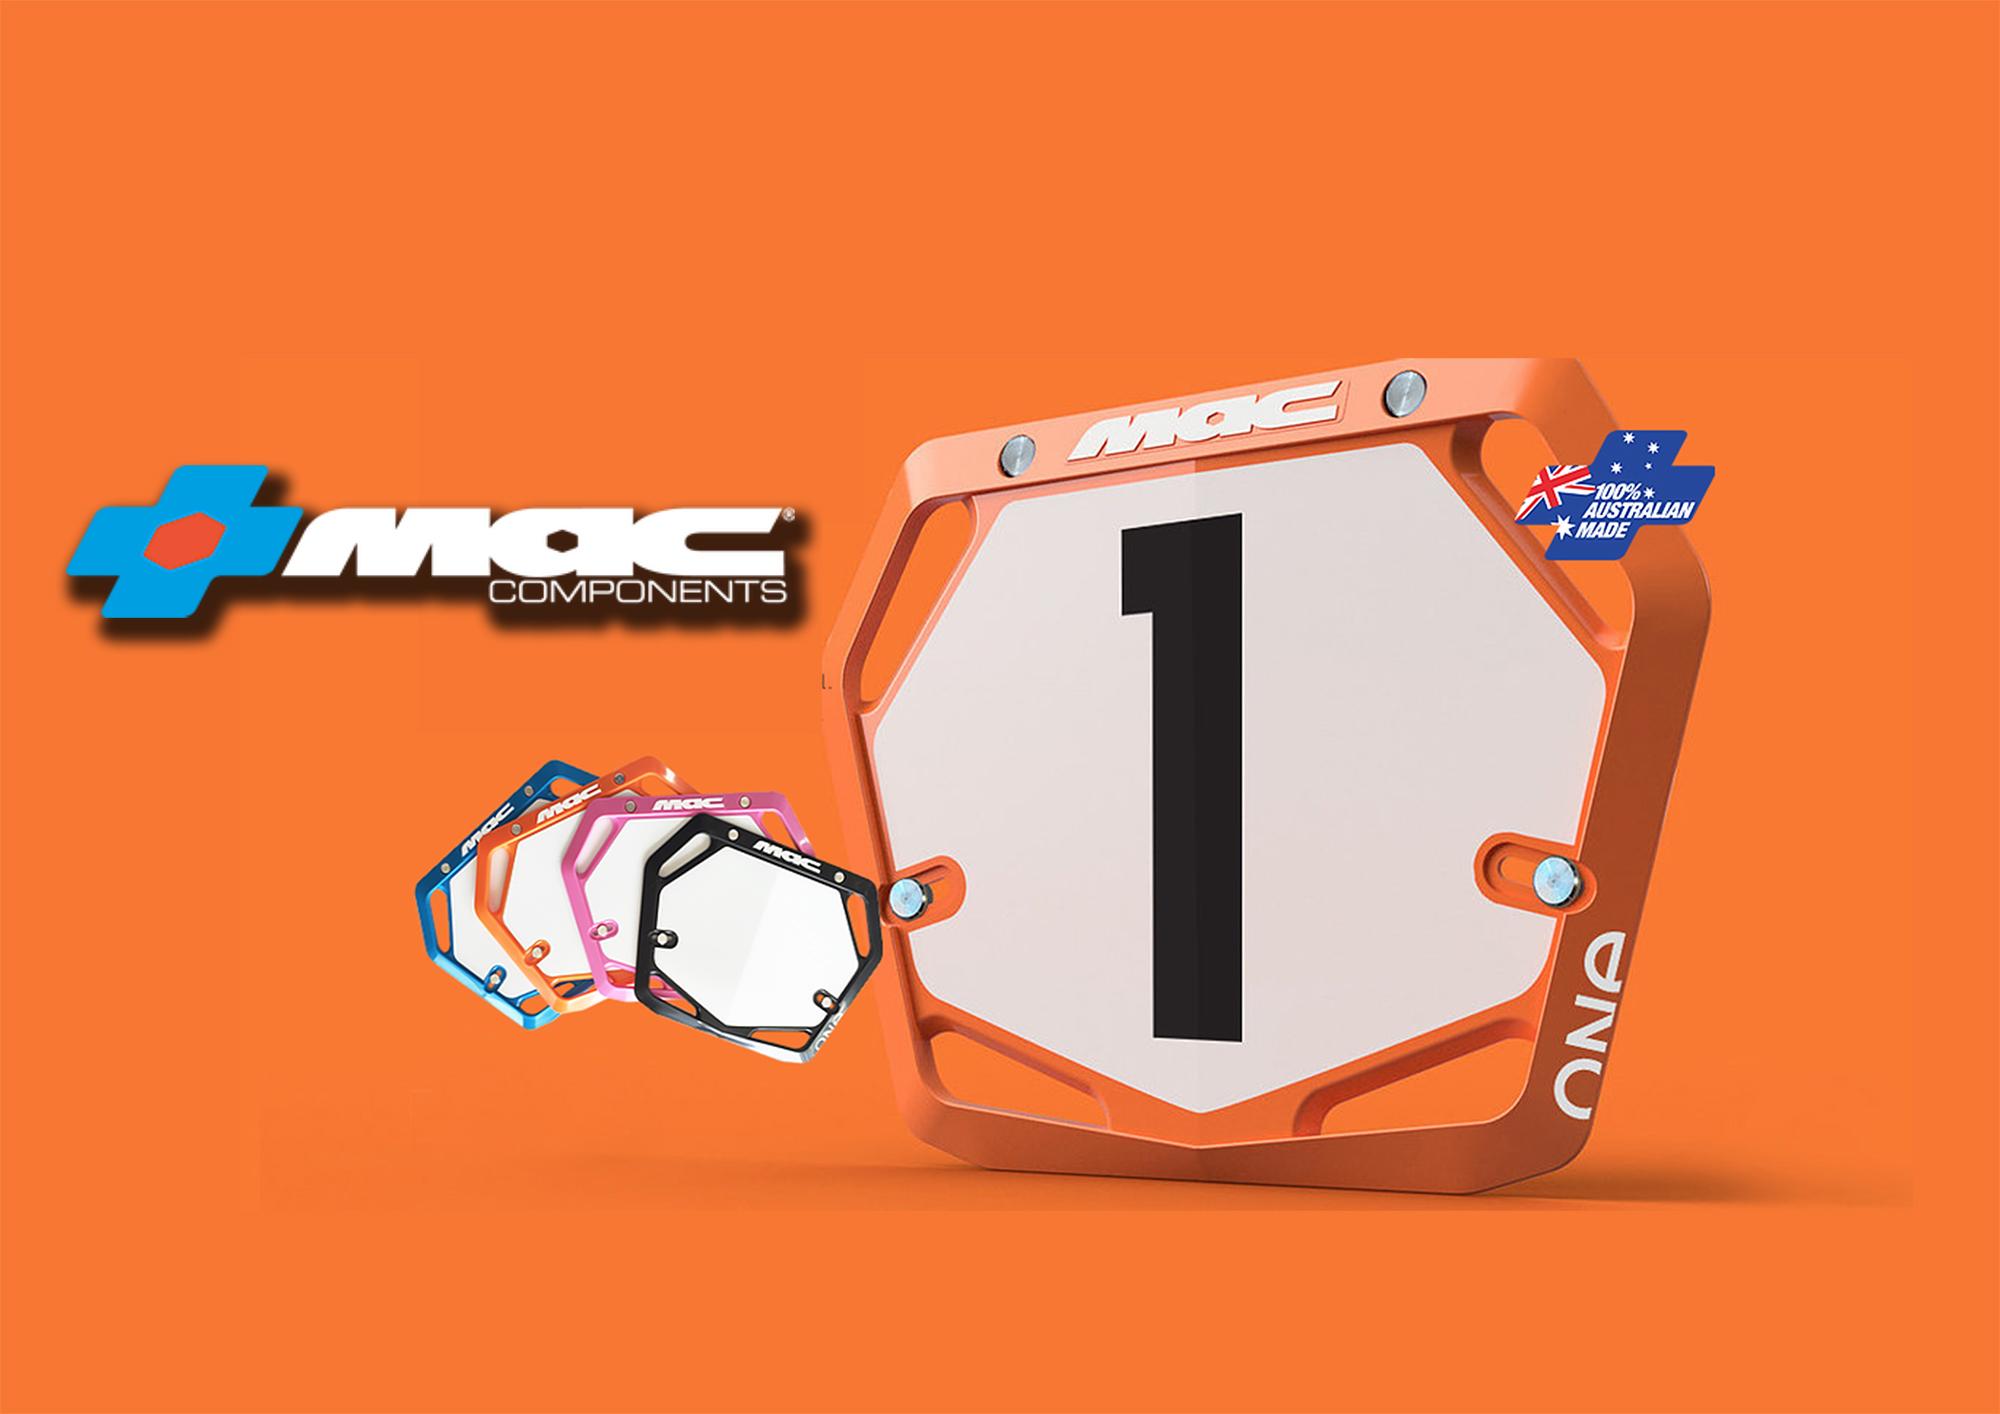 MAC COMPONENTS, plaques d'Australie chez 4NIX !